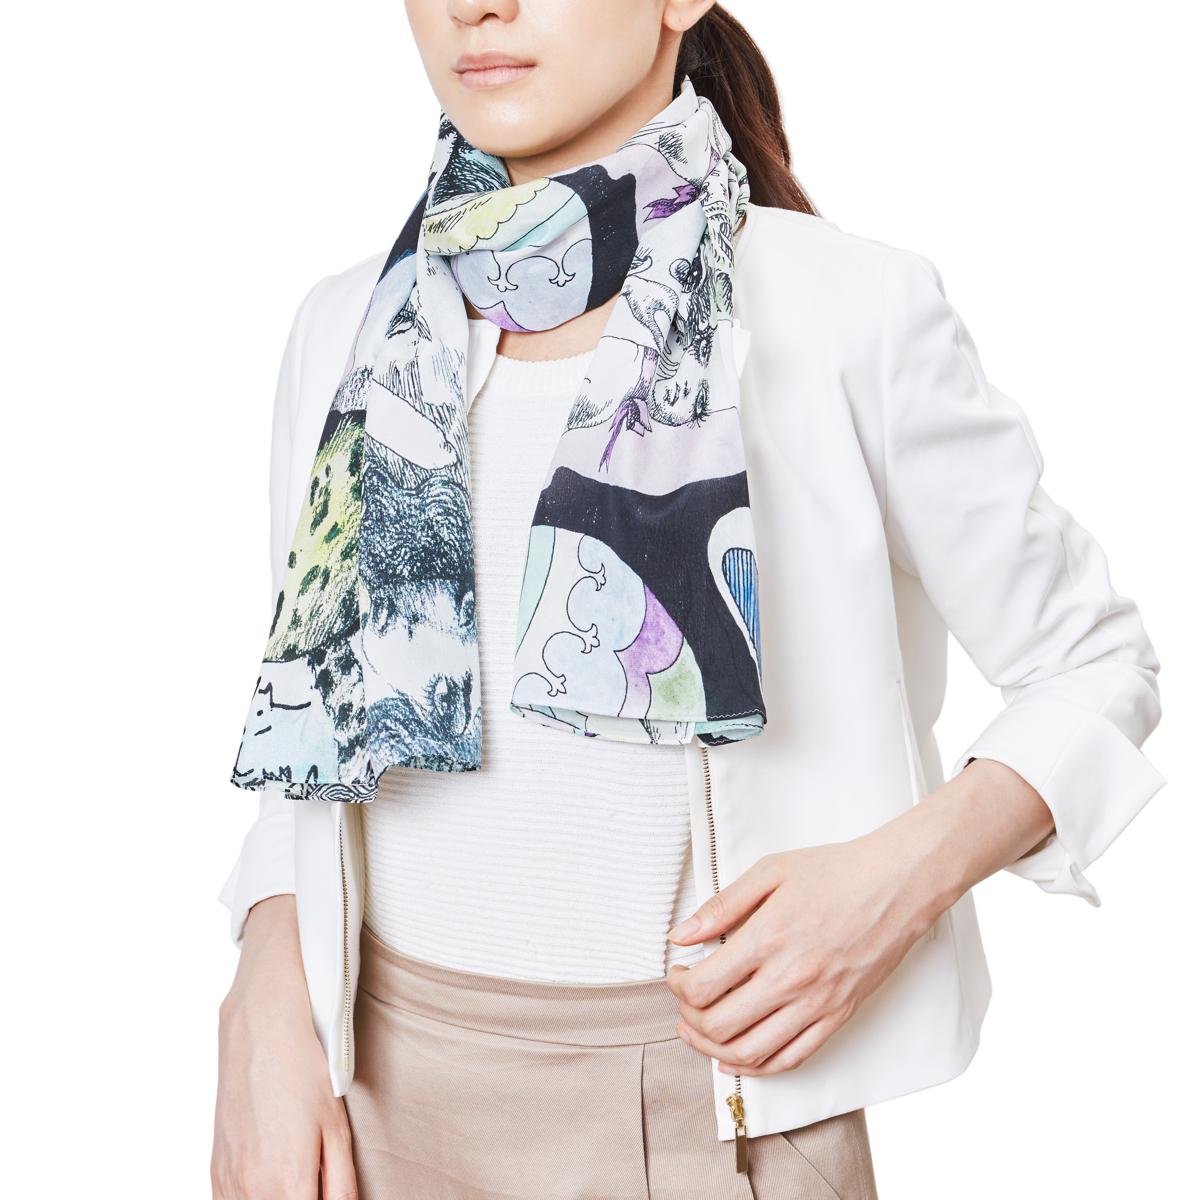 宇野亜喜良氏の『クロニクル』の巻末の「書物の少女」を織り込んだスカーフ